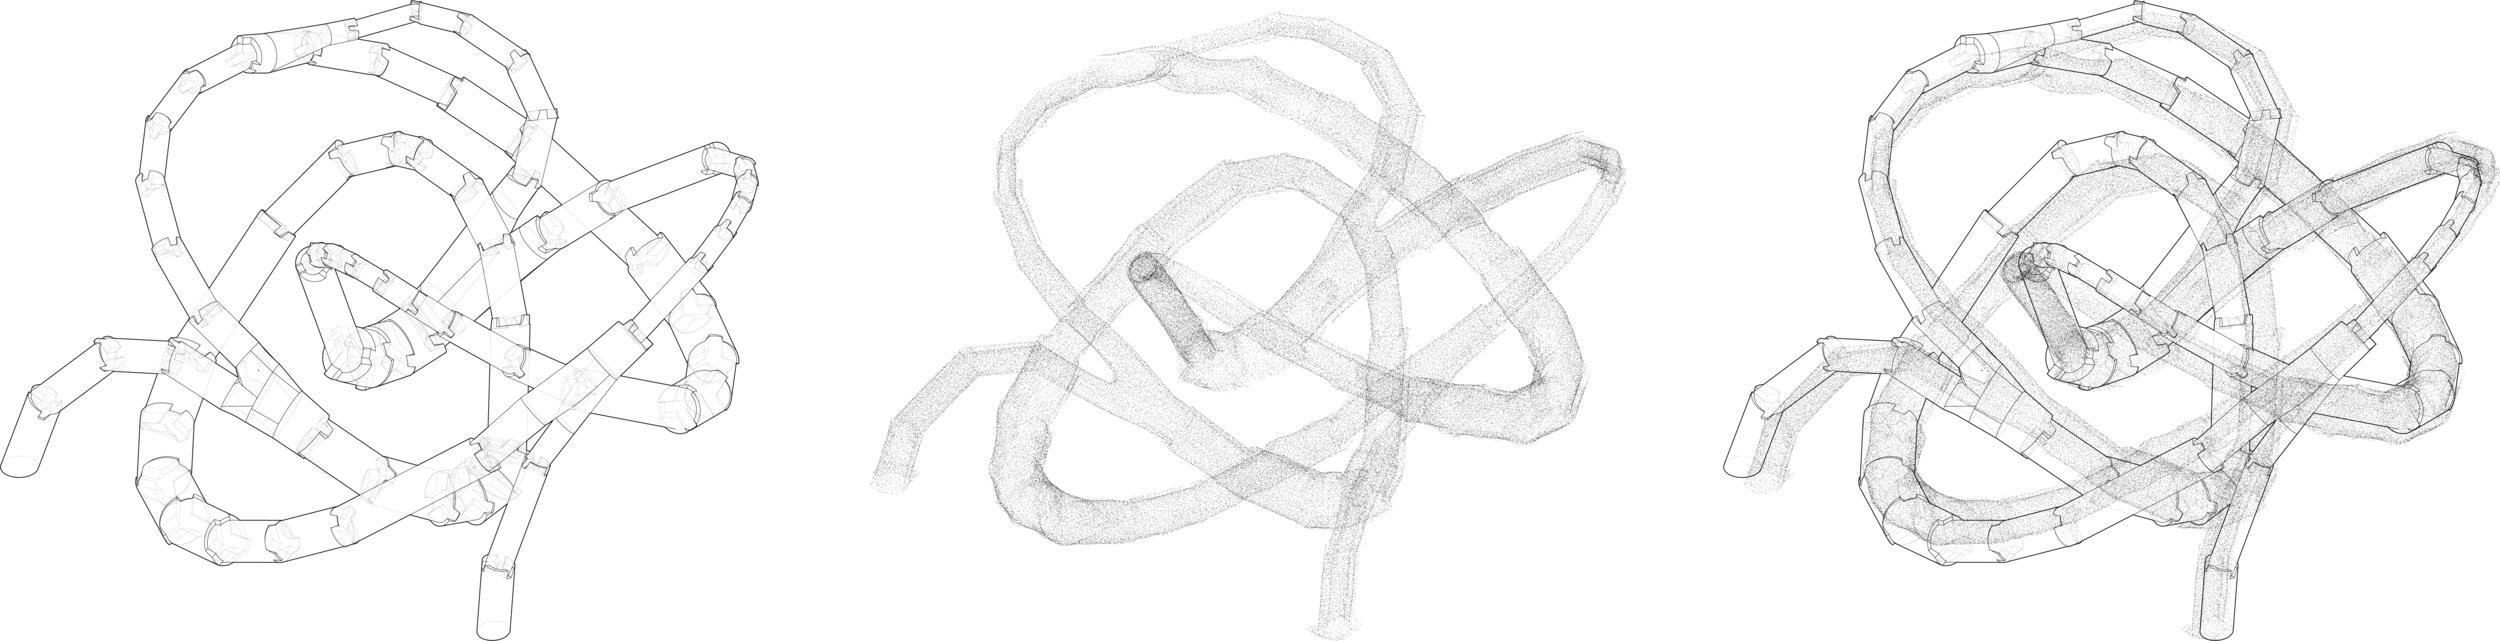 LogKnot_DWG_Scan Combined.jpg